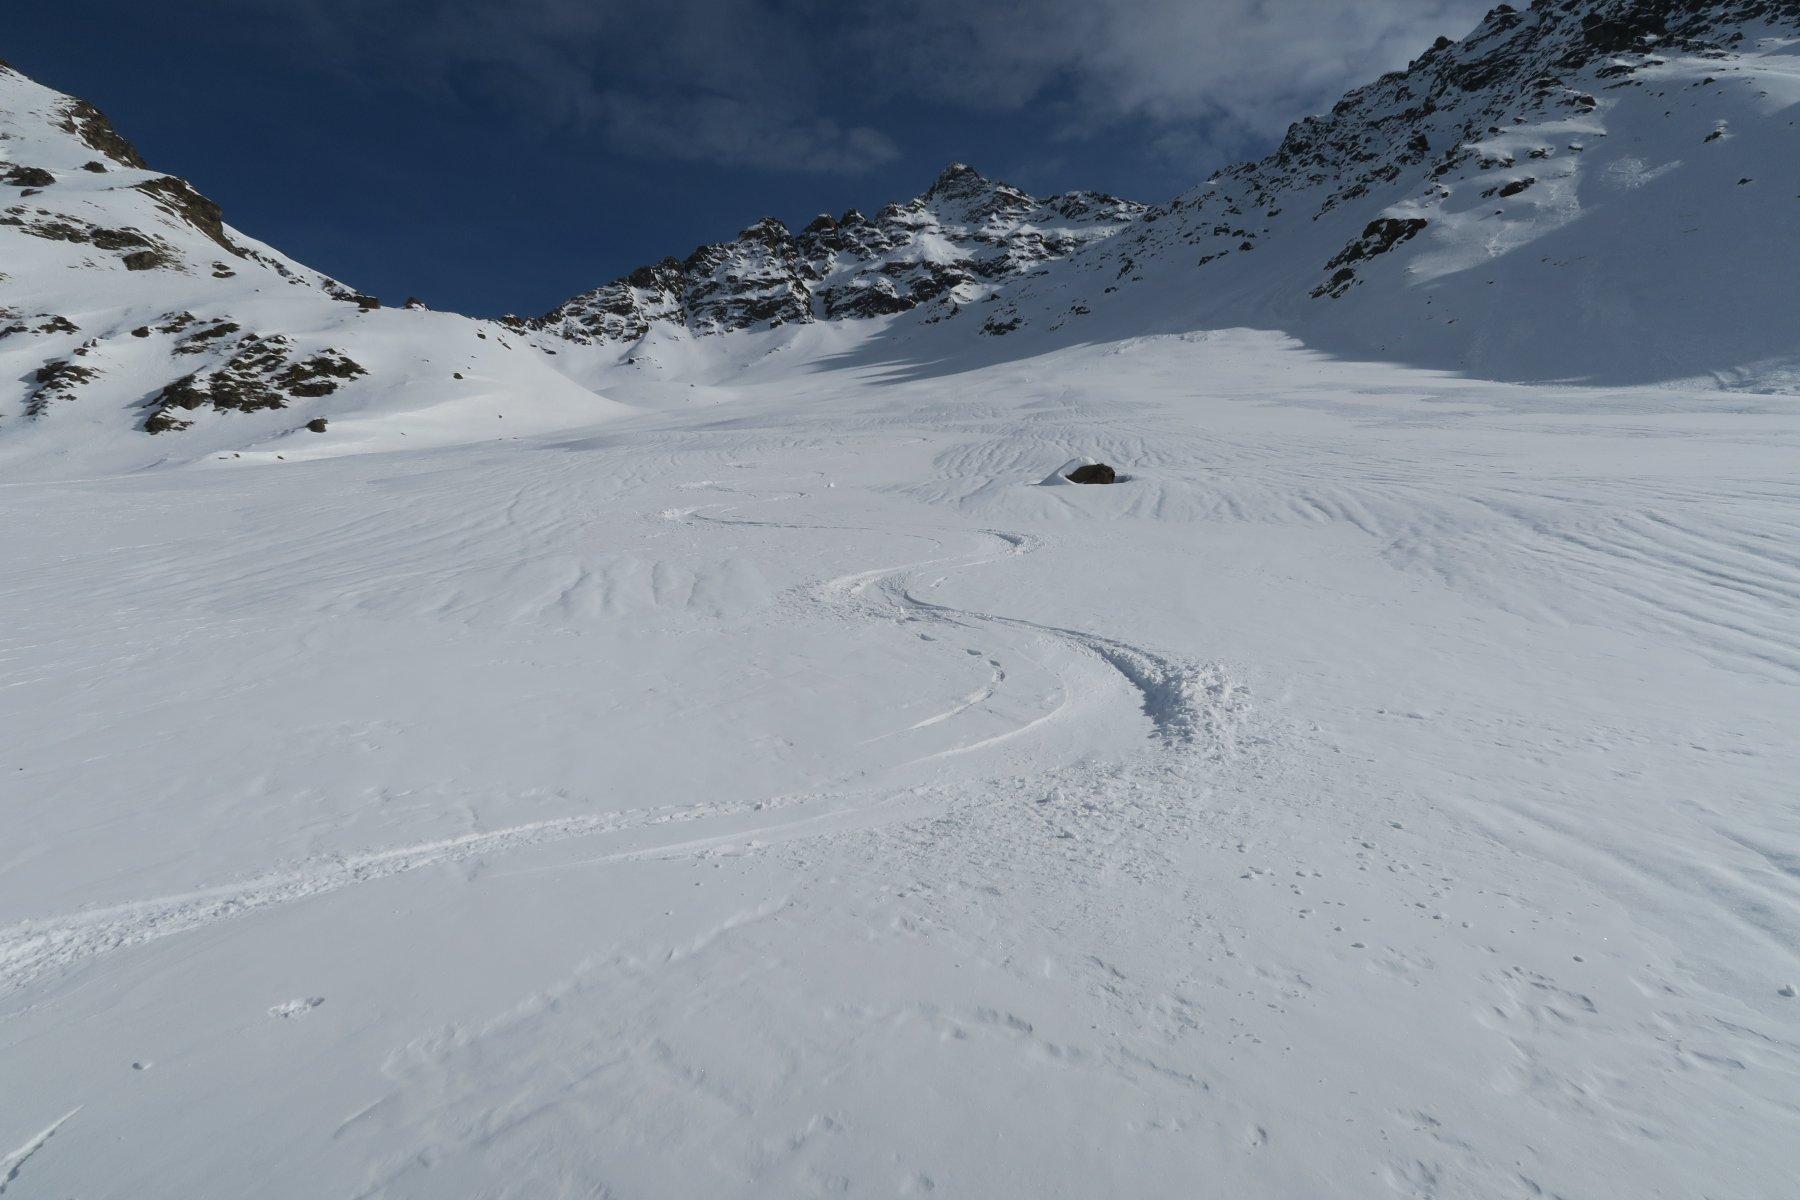 dove il vento l'aveva risparmiata bella neve farinosa pressata